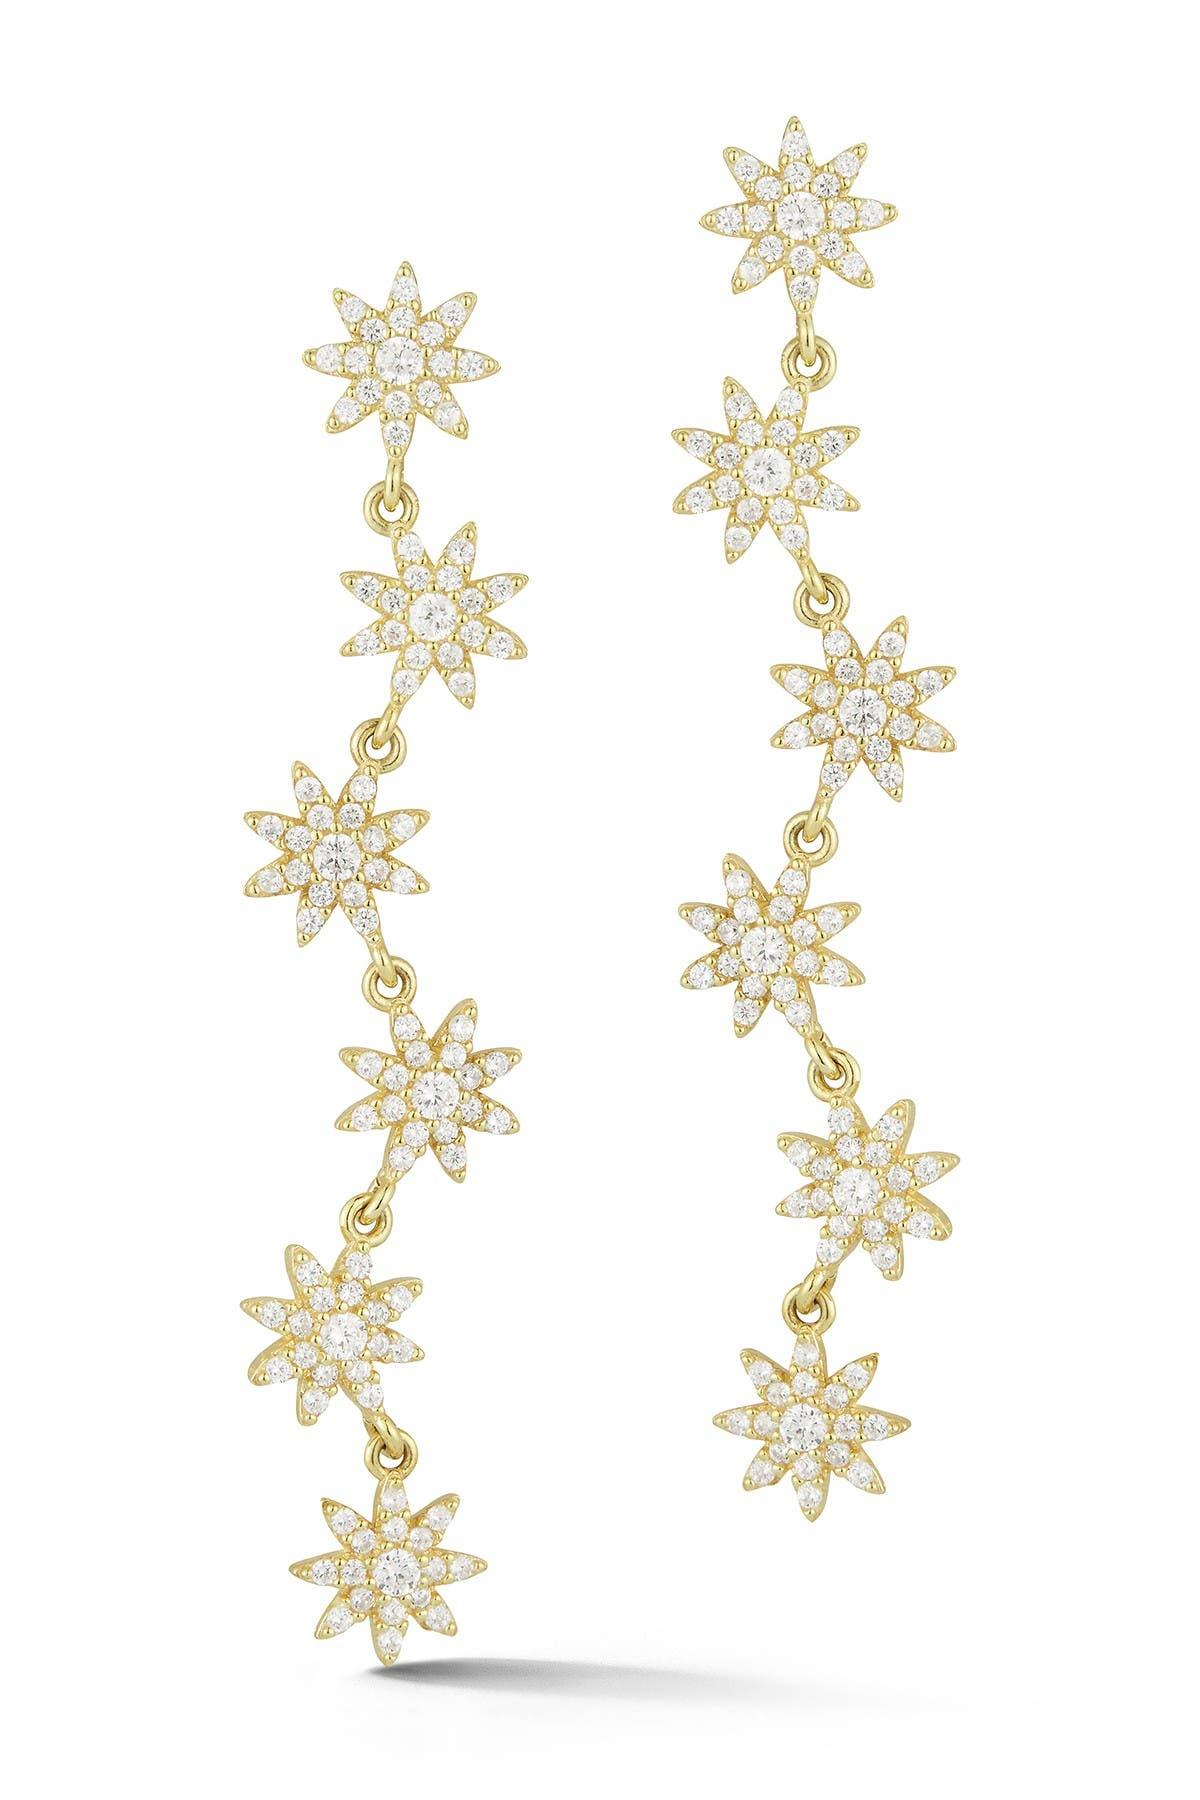 Image of Sphera Milano Gold Vermeil Flower Earrings